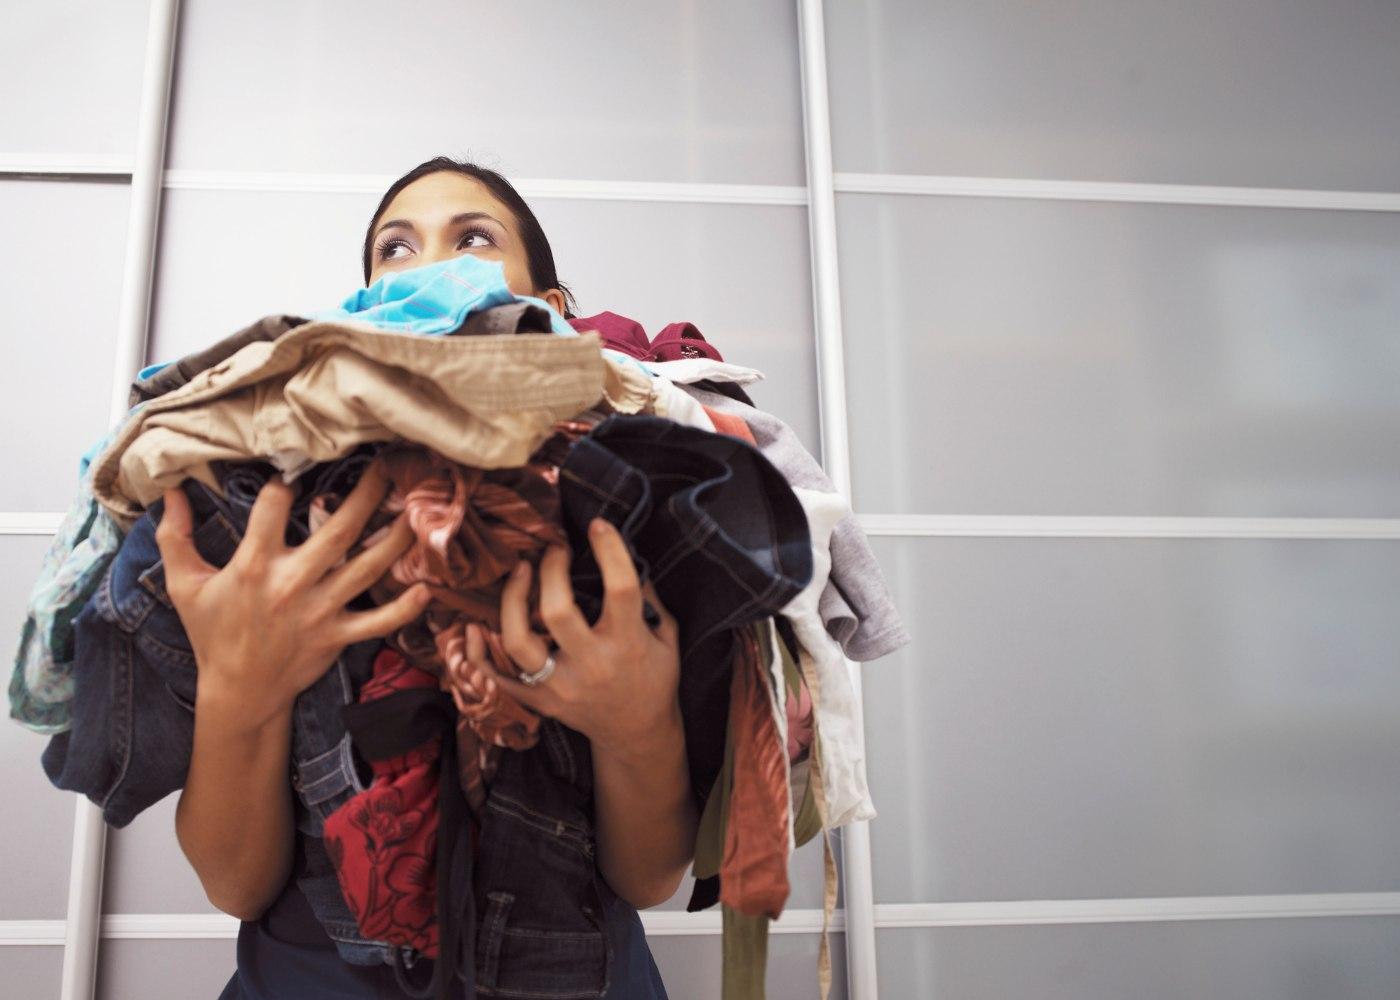 mulher cheia de roupa a ver como organizar tarefas domésticas